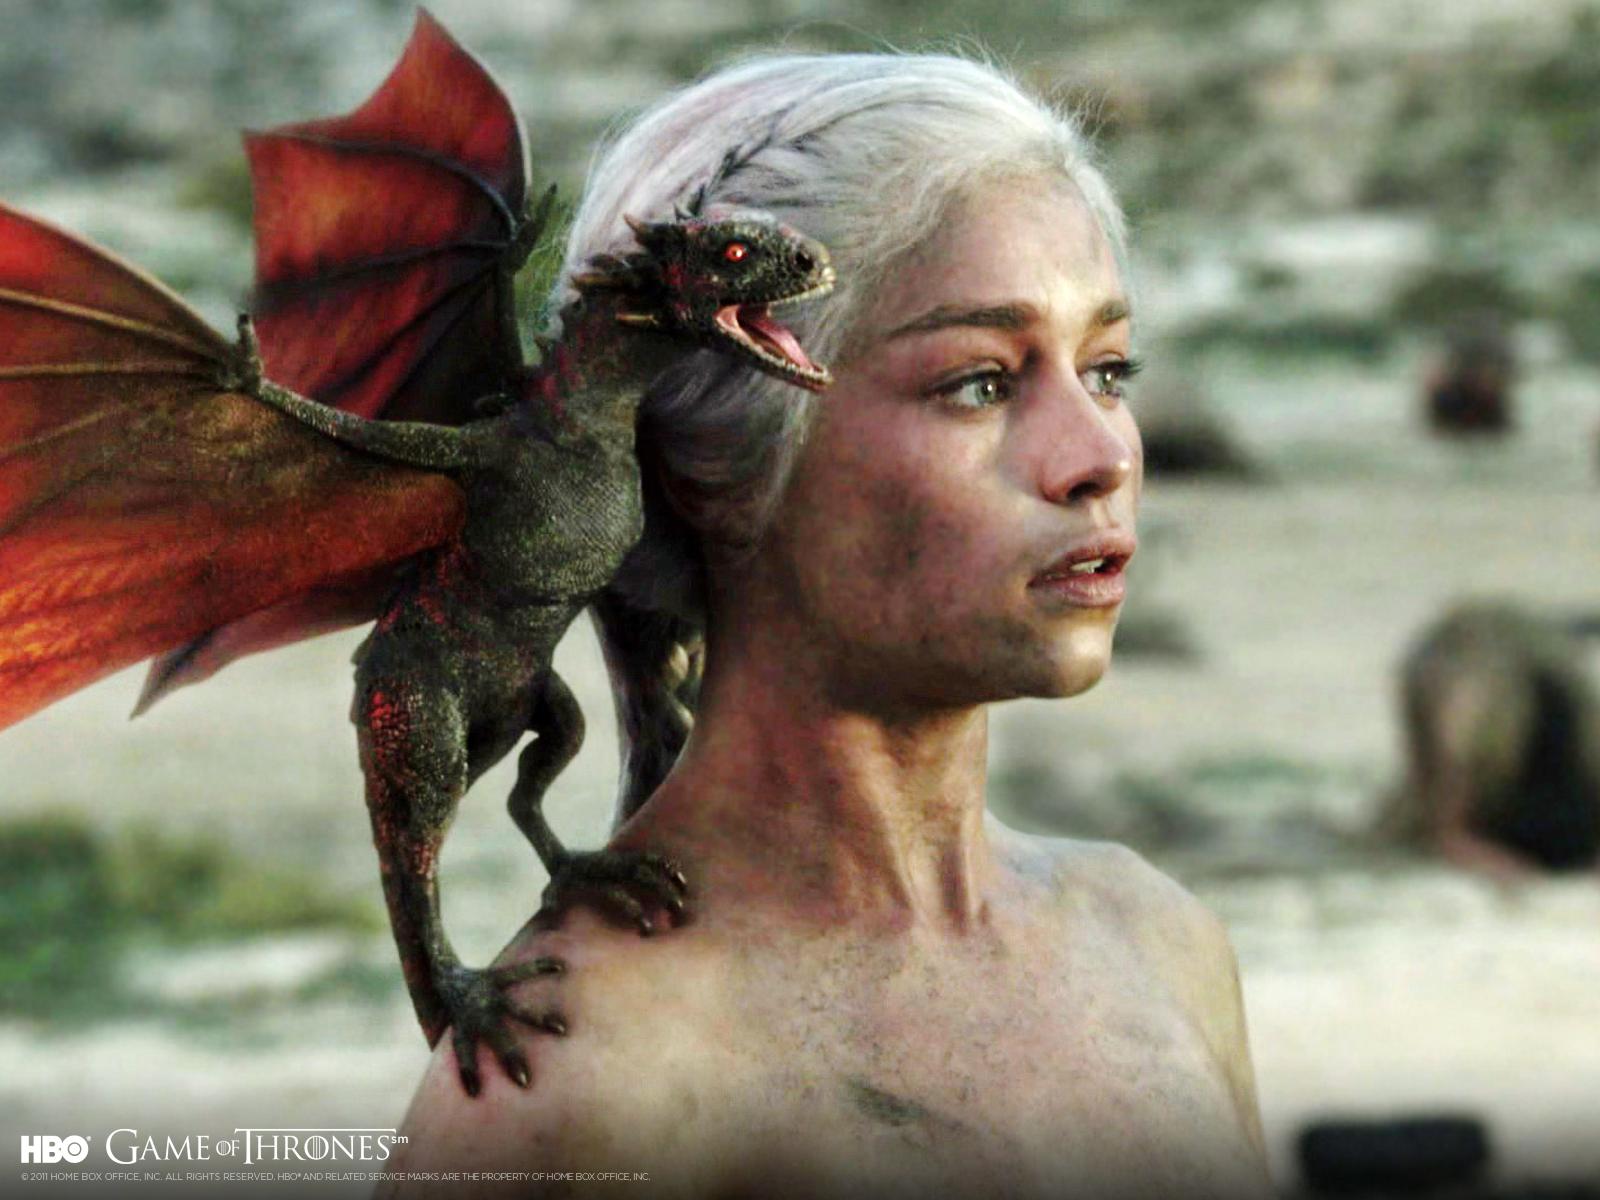 Gra o tron Daenerys smok